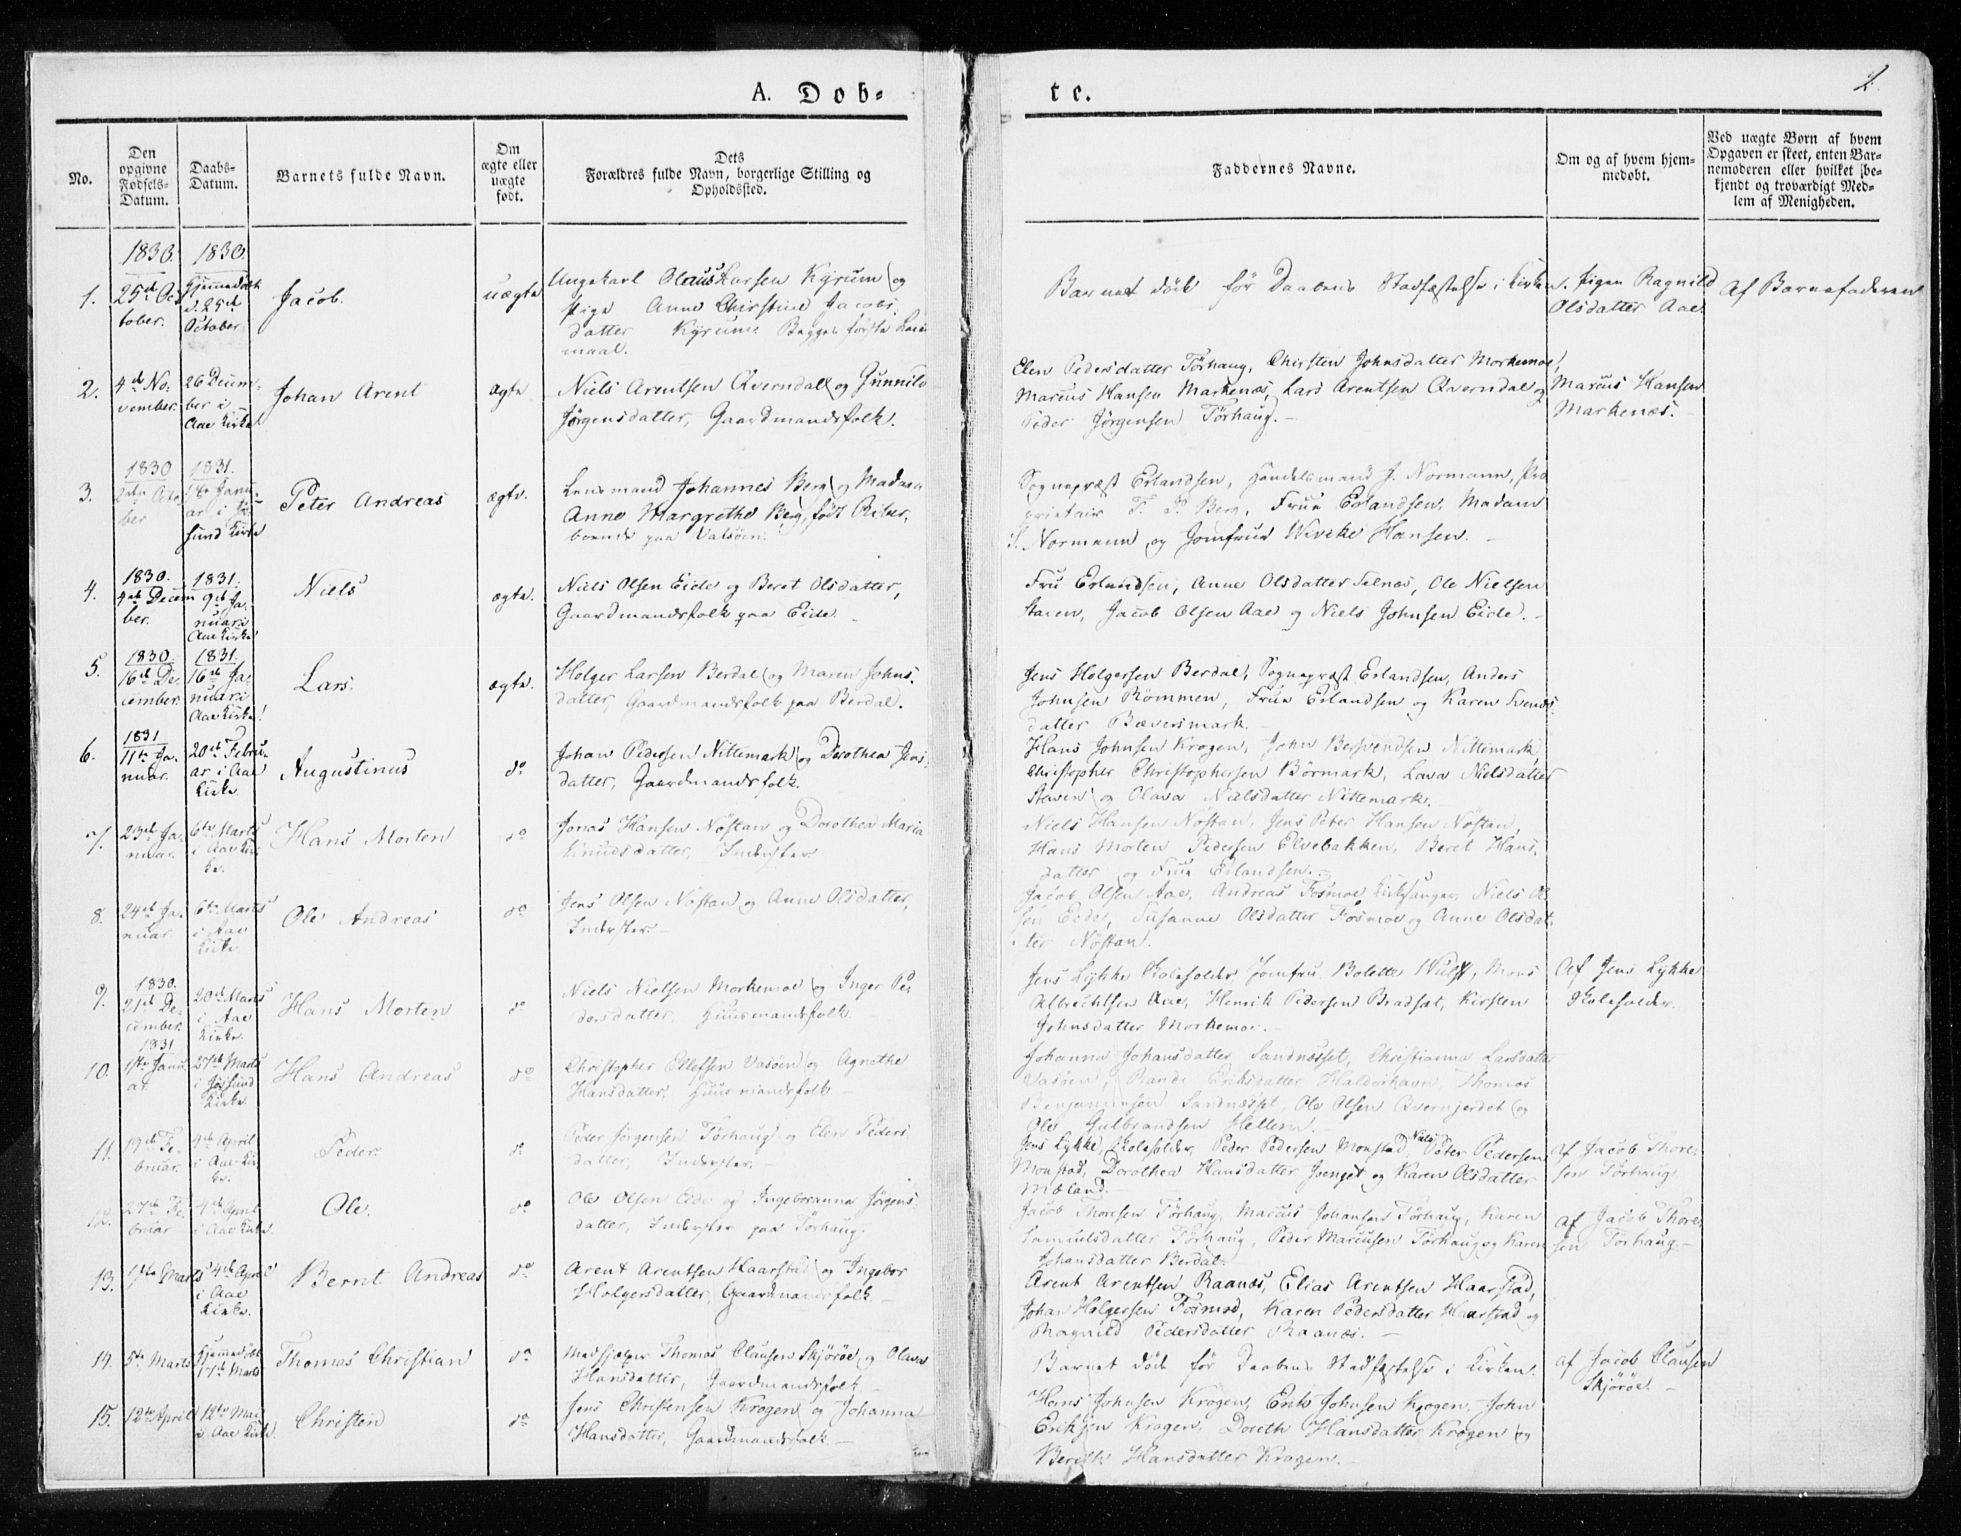 SAT, Ministerialprotokoller, klokkerbøker og fødselsregistre - Sør-Trøndelag, 655/L0676: Ministerialbok nr. 655A05, 1830-1847, s. 2